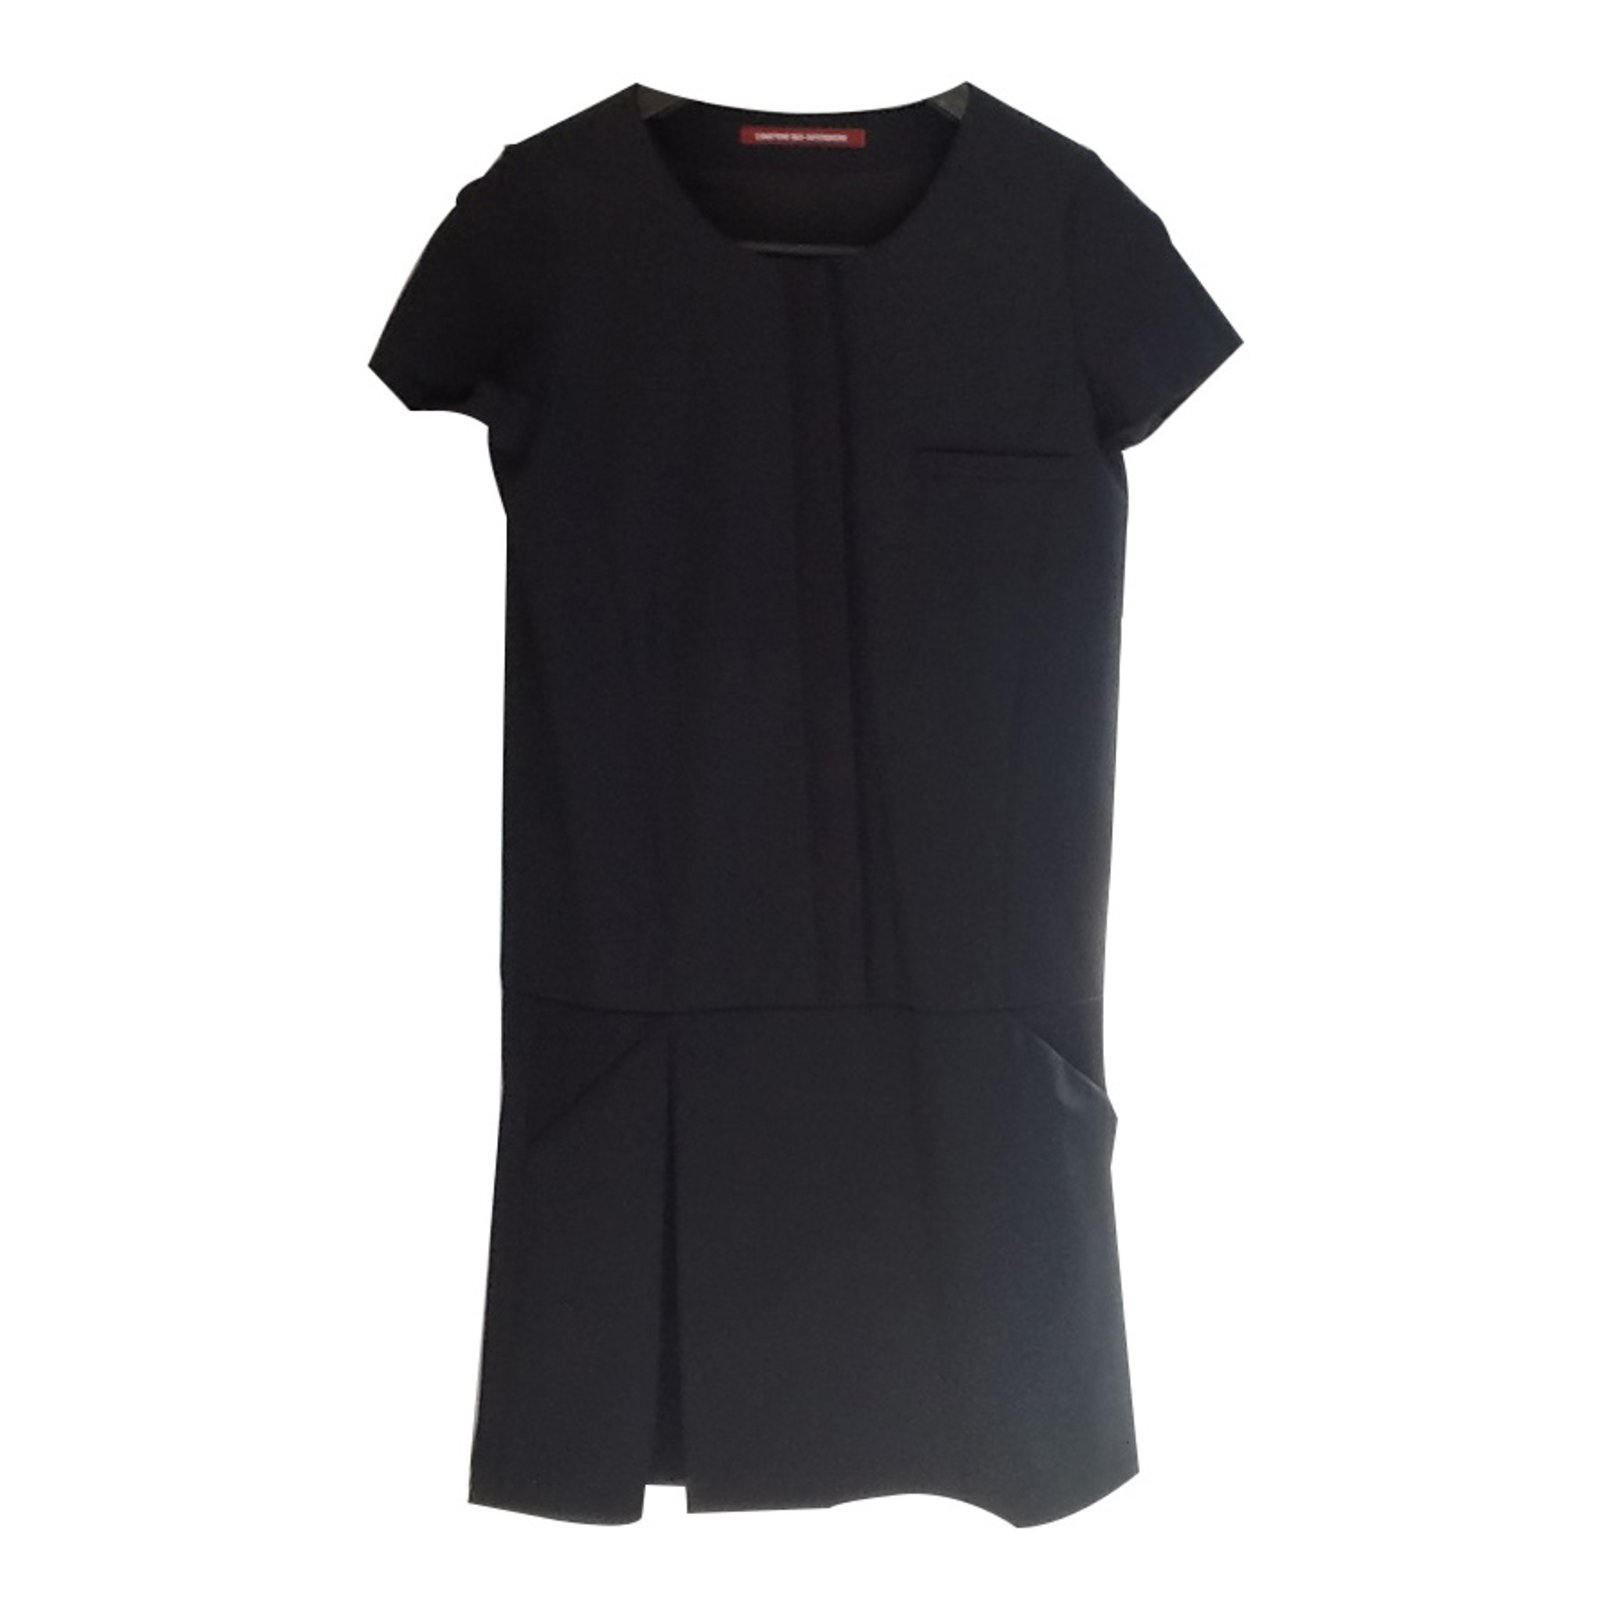 Robes Comptoir Des Cotonniers Robe Noir Laine Noir Ref12882 Joli